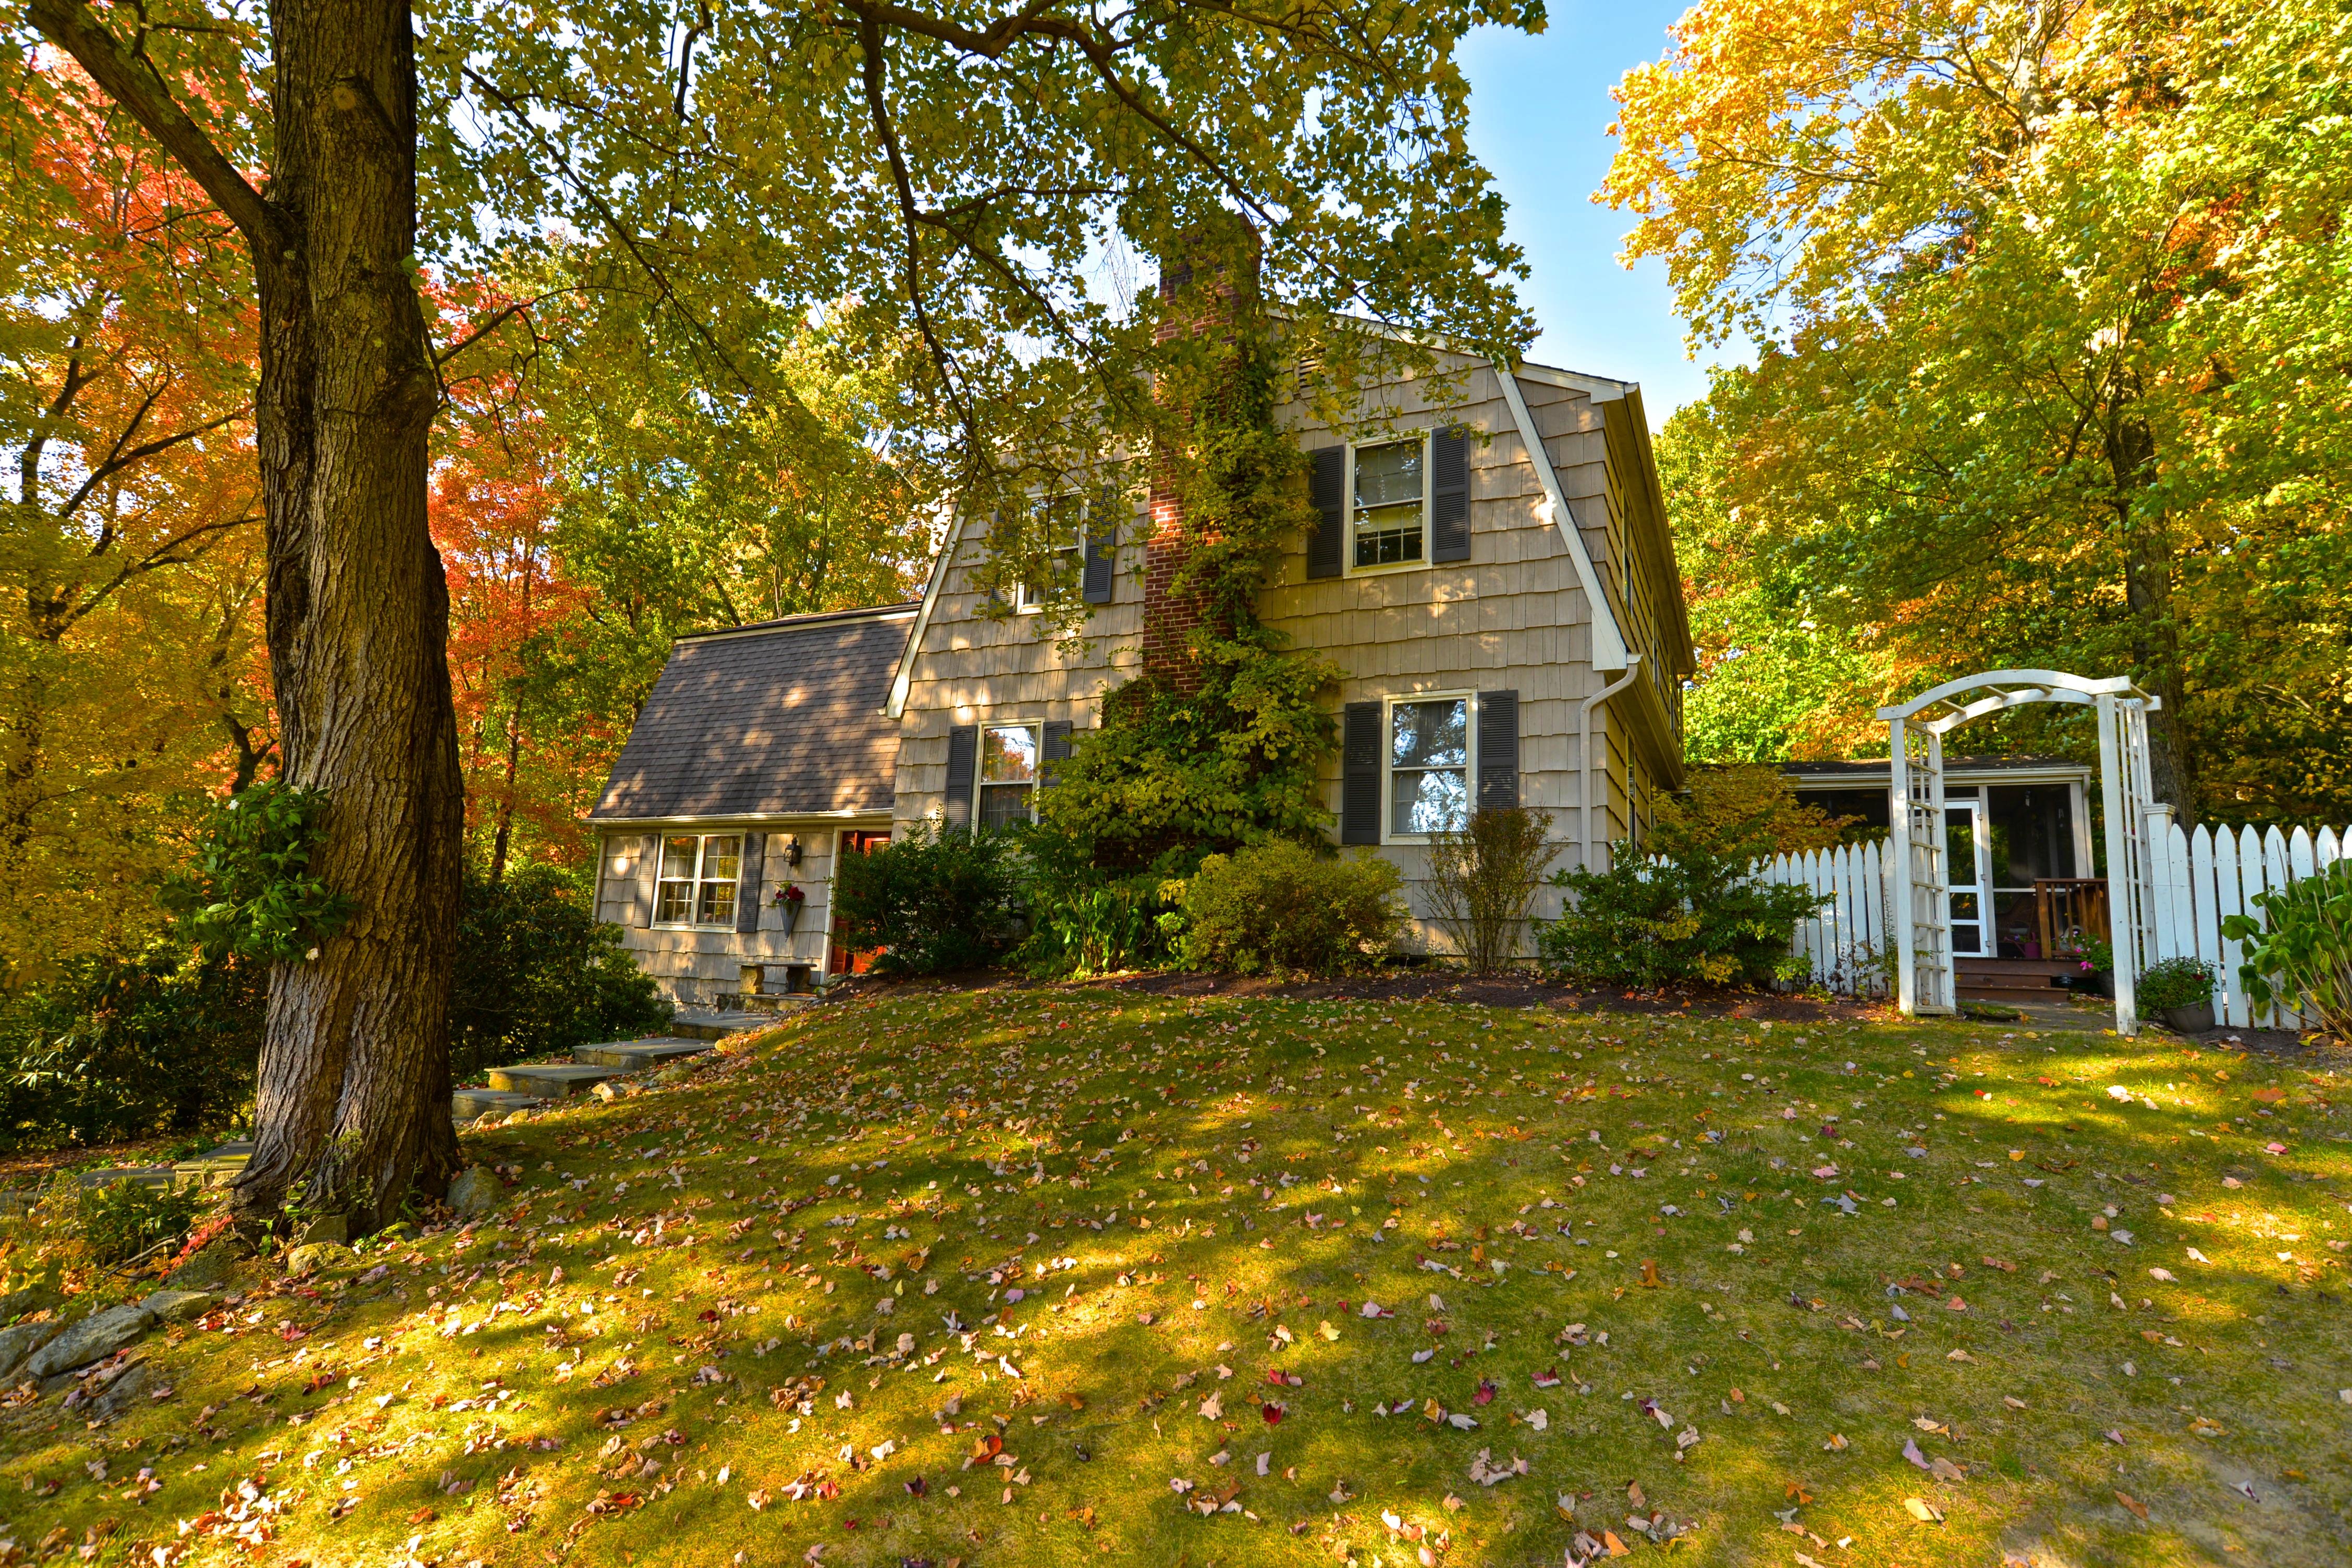 Casa Unifamiliar por un Venta en Character And Charm 5 Beechwood Circle Brookfield, Connecticut 06804 Estados Unidos